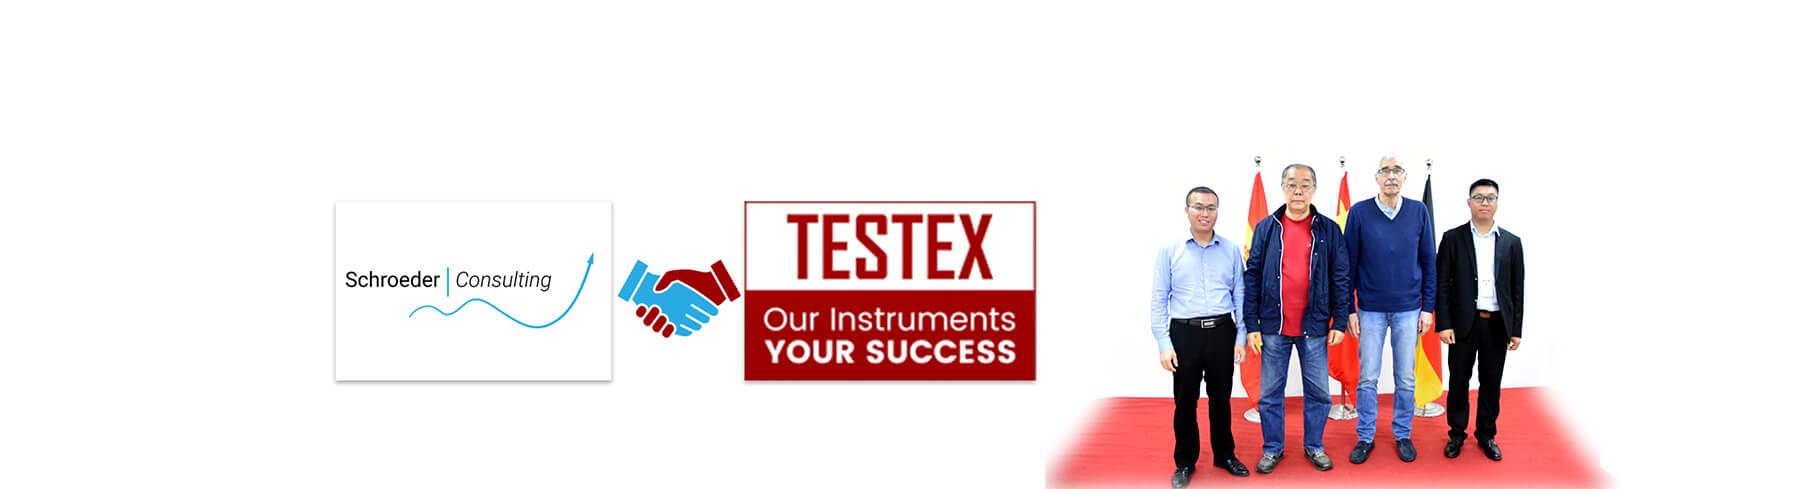 TESTEX - CONSULTORIA SCHROEDER